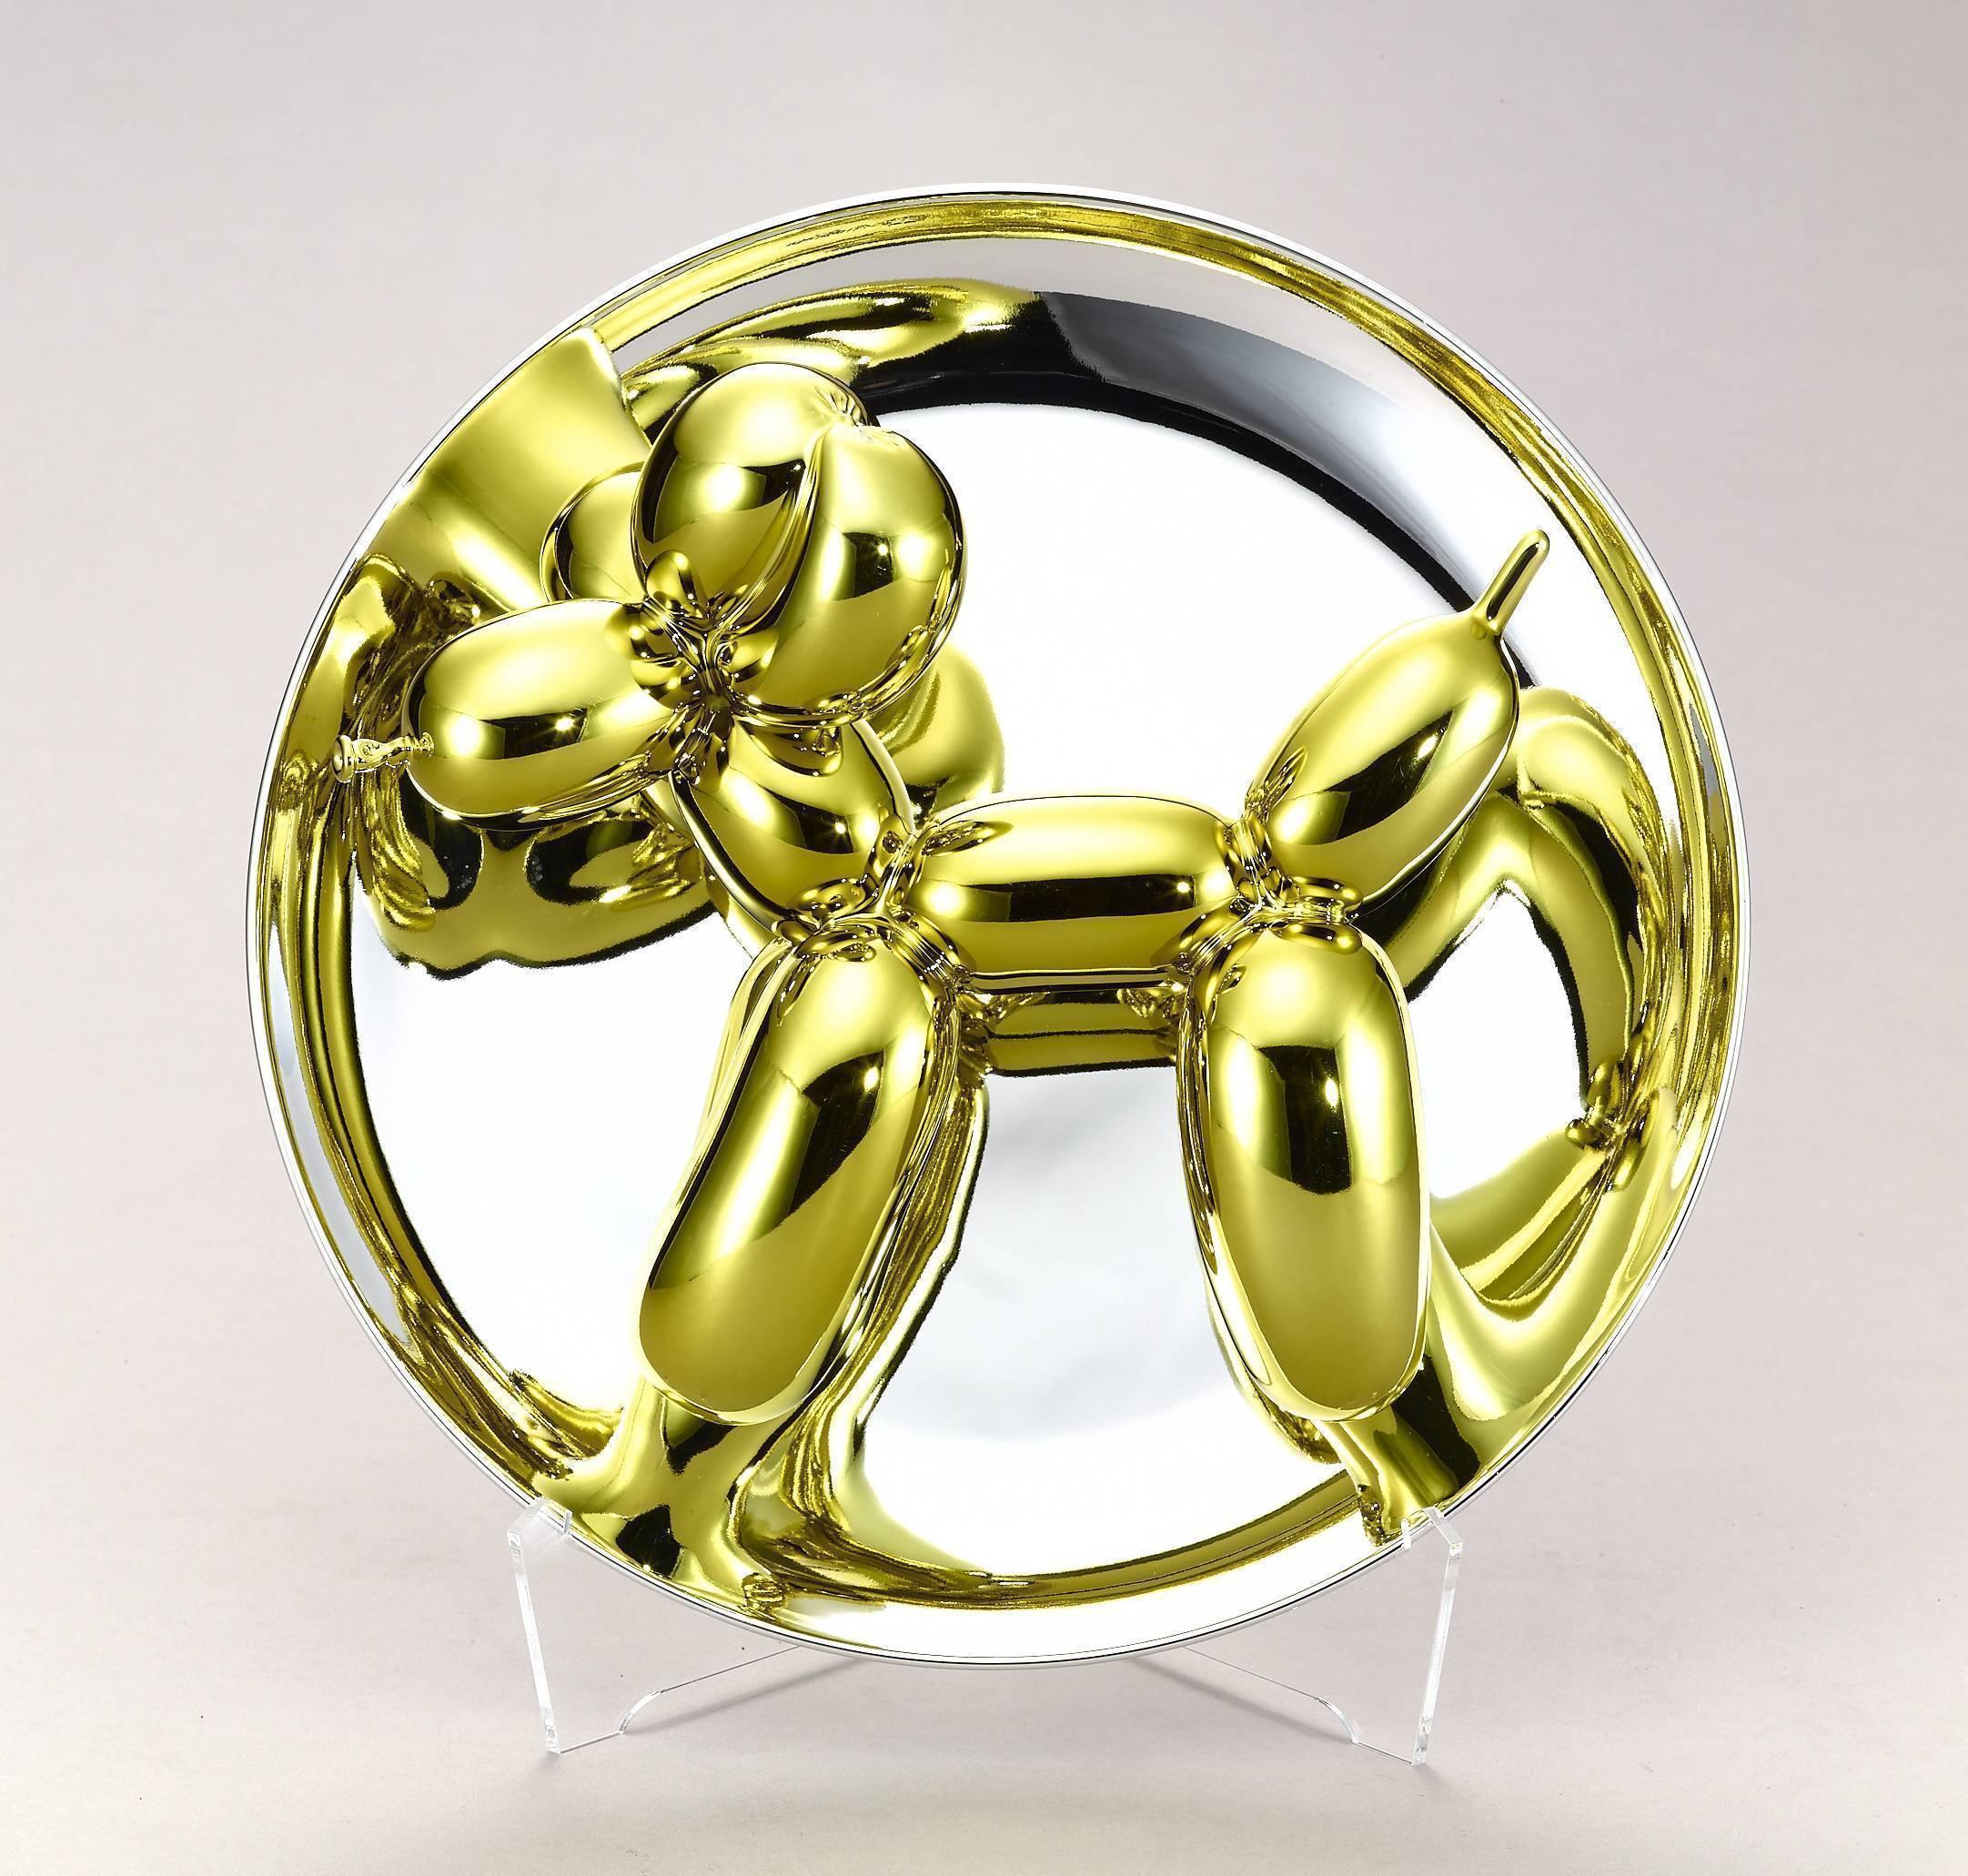 傑夫昆斯|氣球狗系列| 氣球狗(黃金)|2015|26.7x26.7x12.7 cm